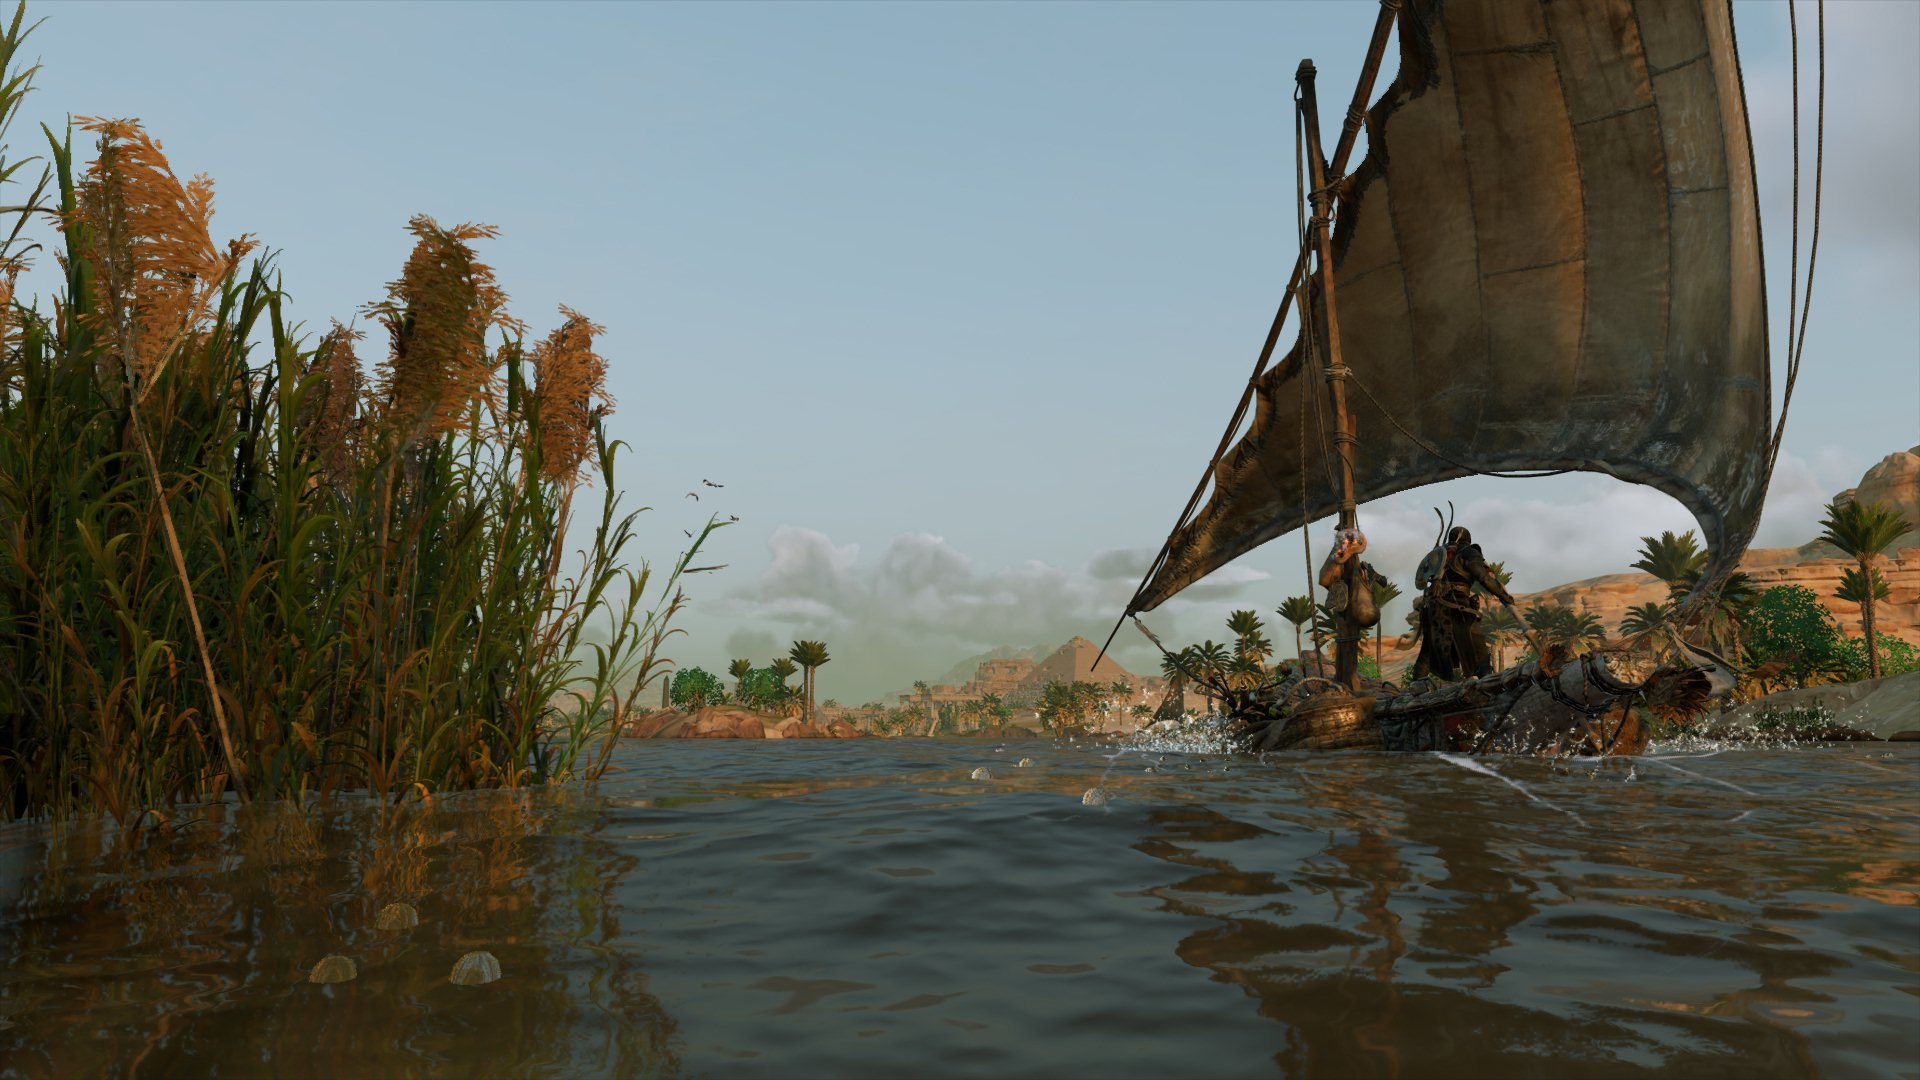 20180219151847.jpg - Assassin's Creed: Origins